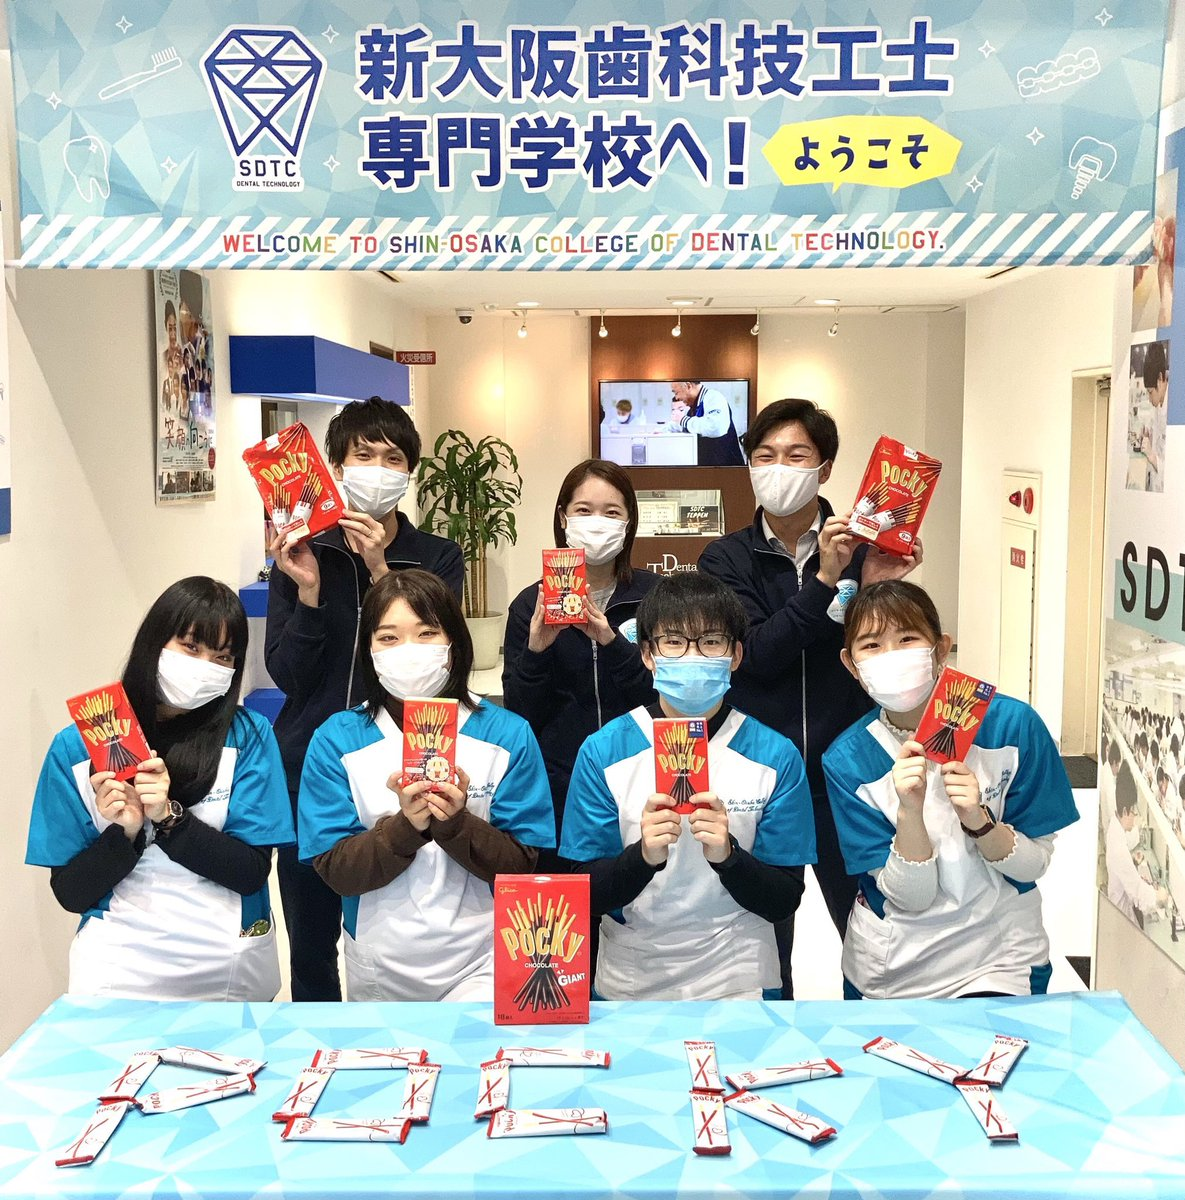 【ブログ更新】 「今月の新大阪DT 11月号」を UPしました🙋♂️✨  学生たちの授業風景はもちろん、 卒業生からのメッセージや 活躍している様子など 内容盛り沢山です☘️  ぜひ見てくださいね☺️ 📲   #新大阪 #歯科技工士 #専門学校 #ブログ #キャンパスライフ #smile